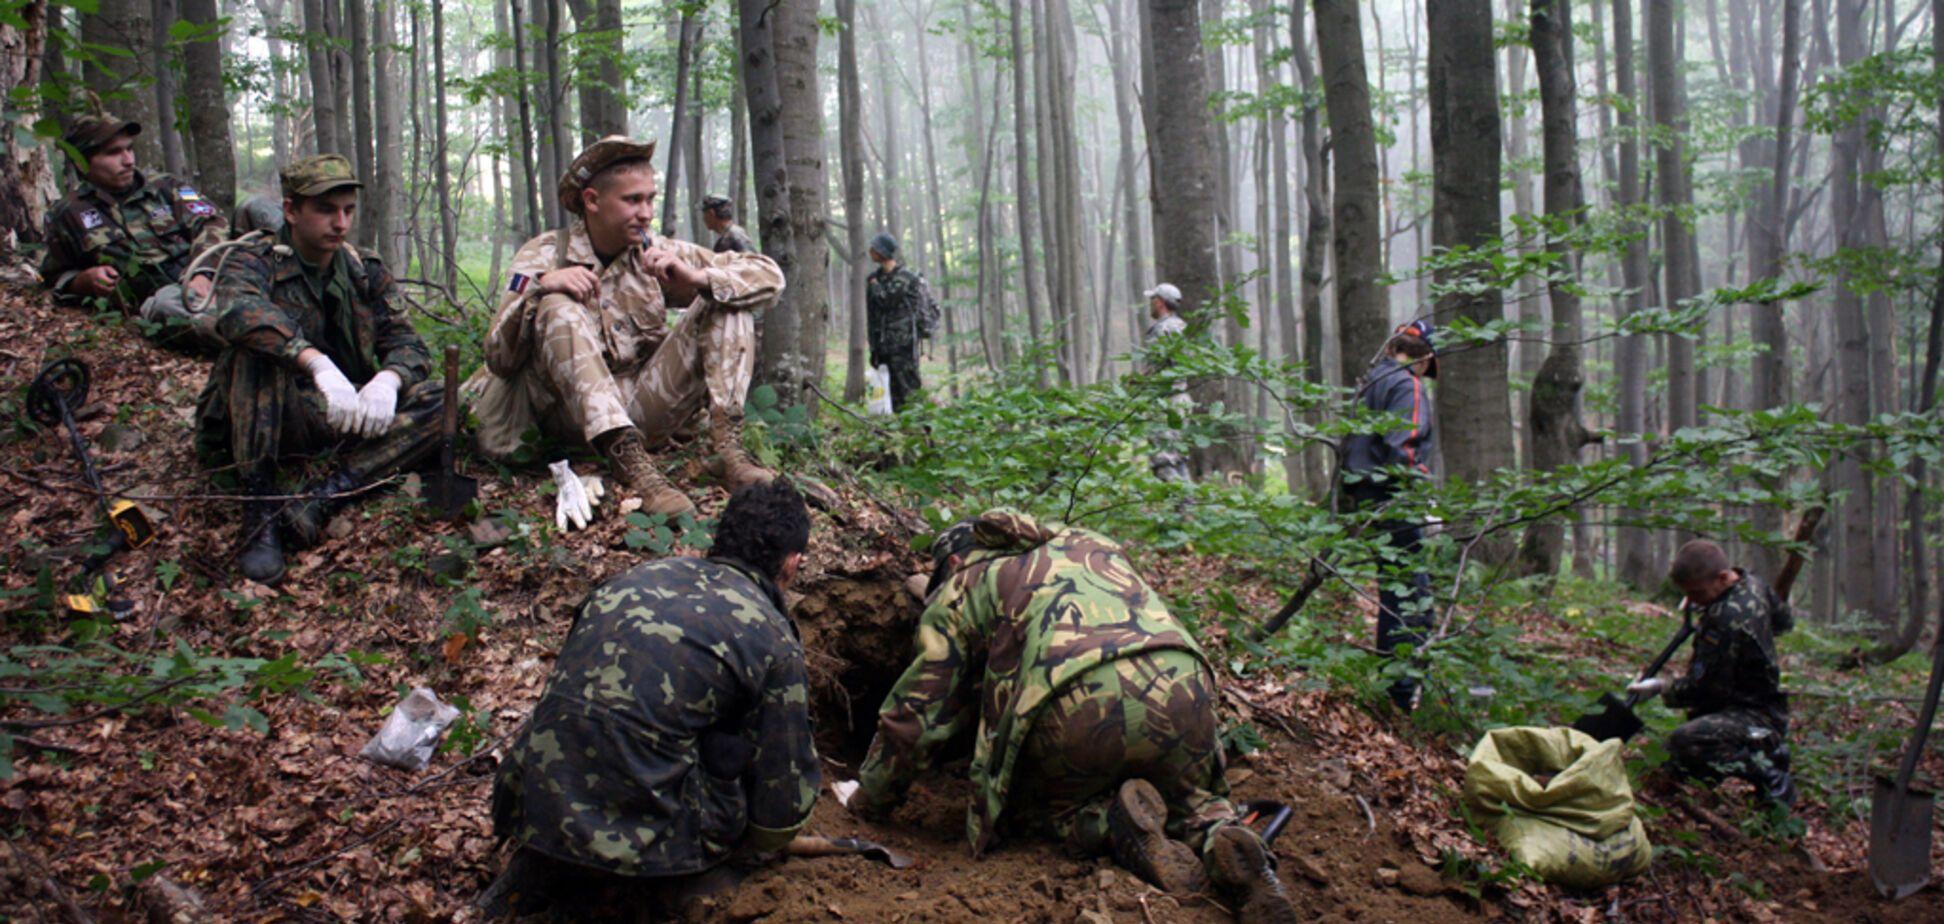 Польща закликала до ексгумації тіл на кордоні з Україною: історик пояснив мету